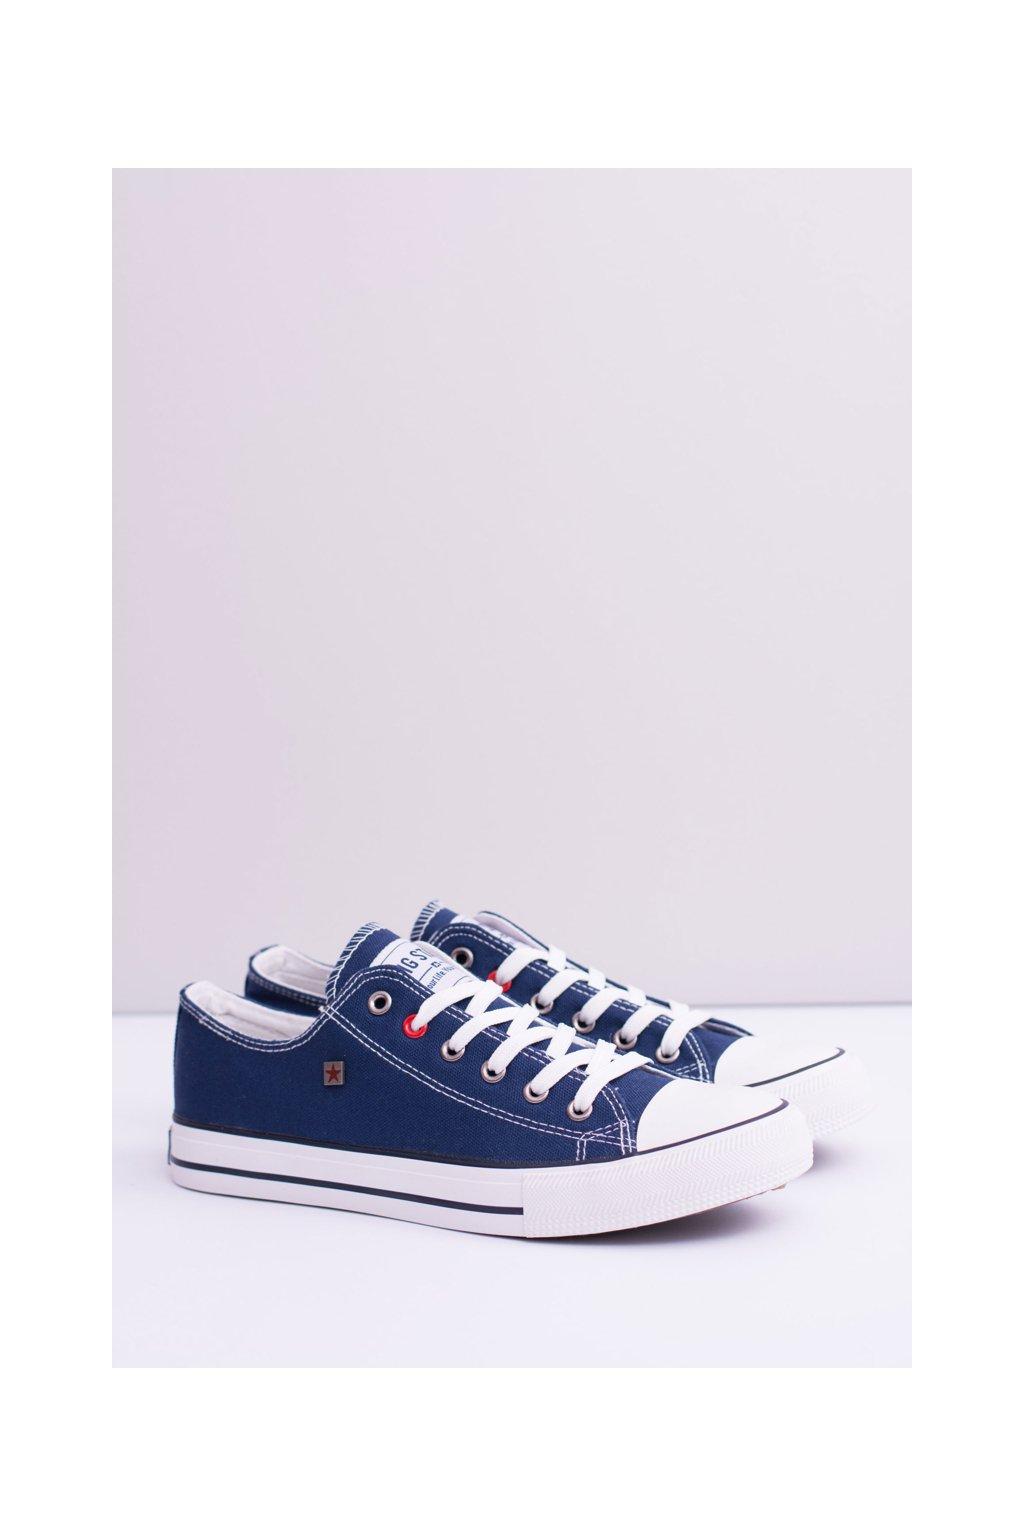 B. Star nízke pánske modré tenisky T174101